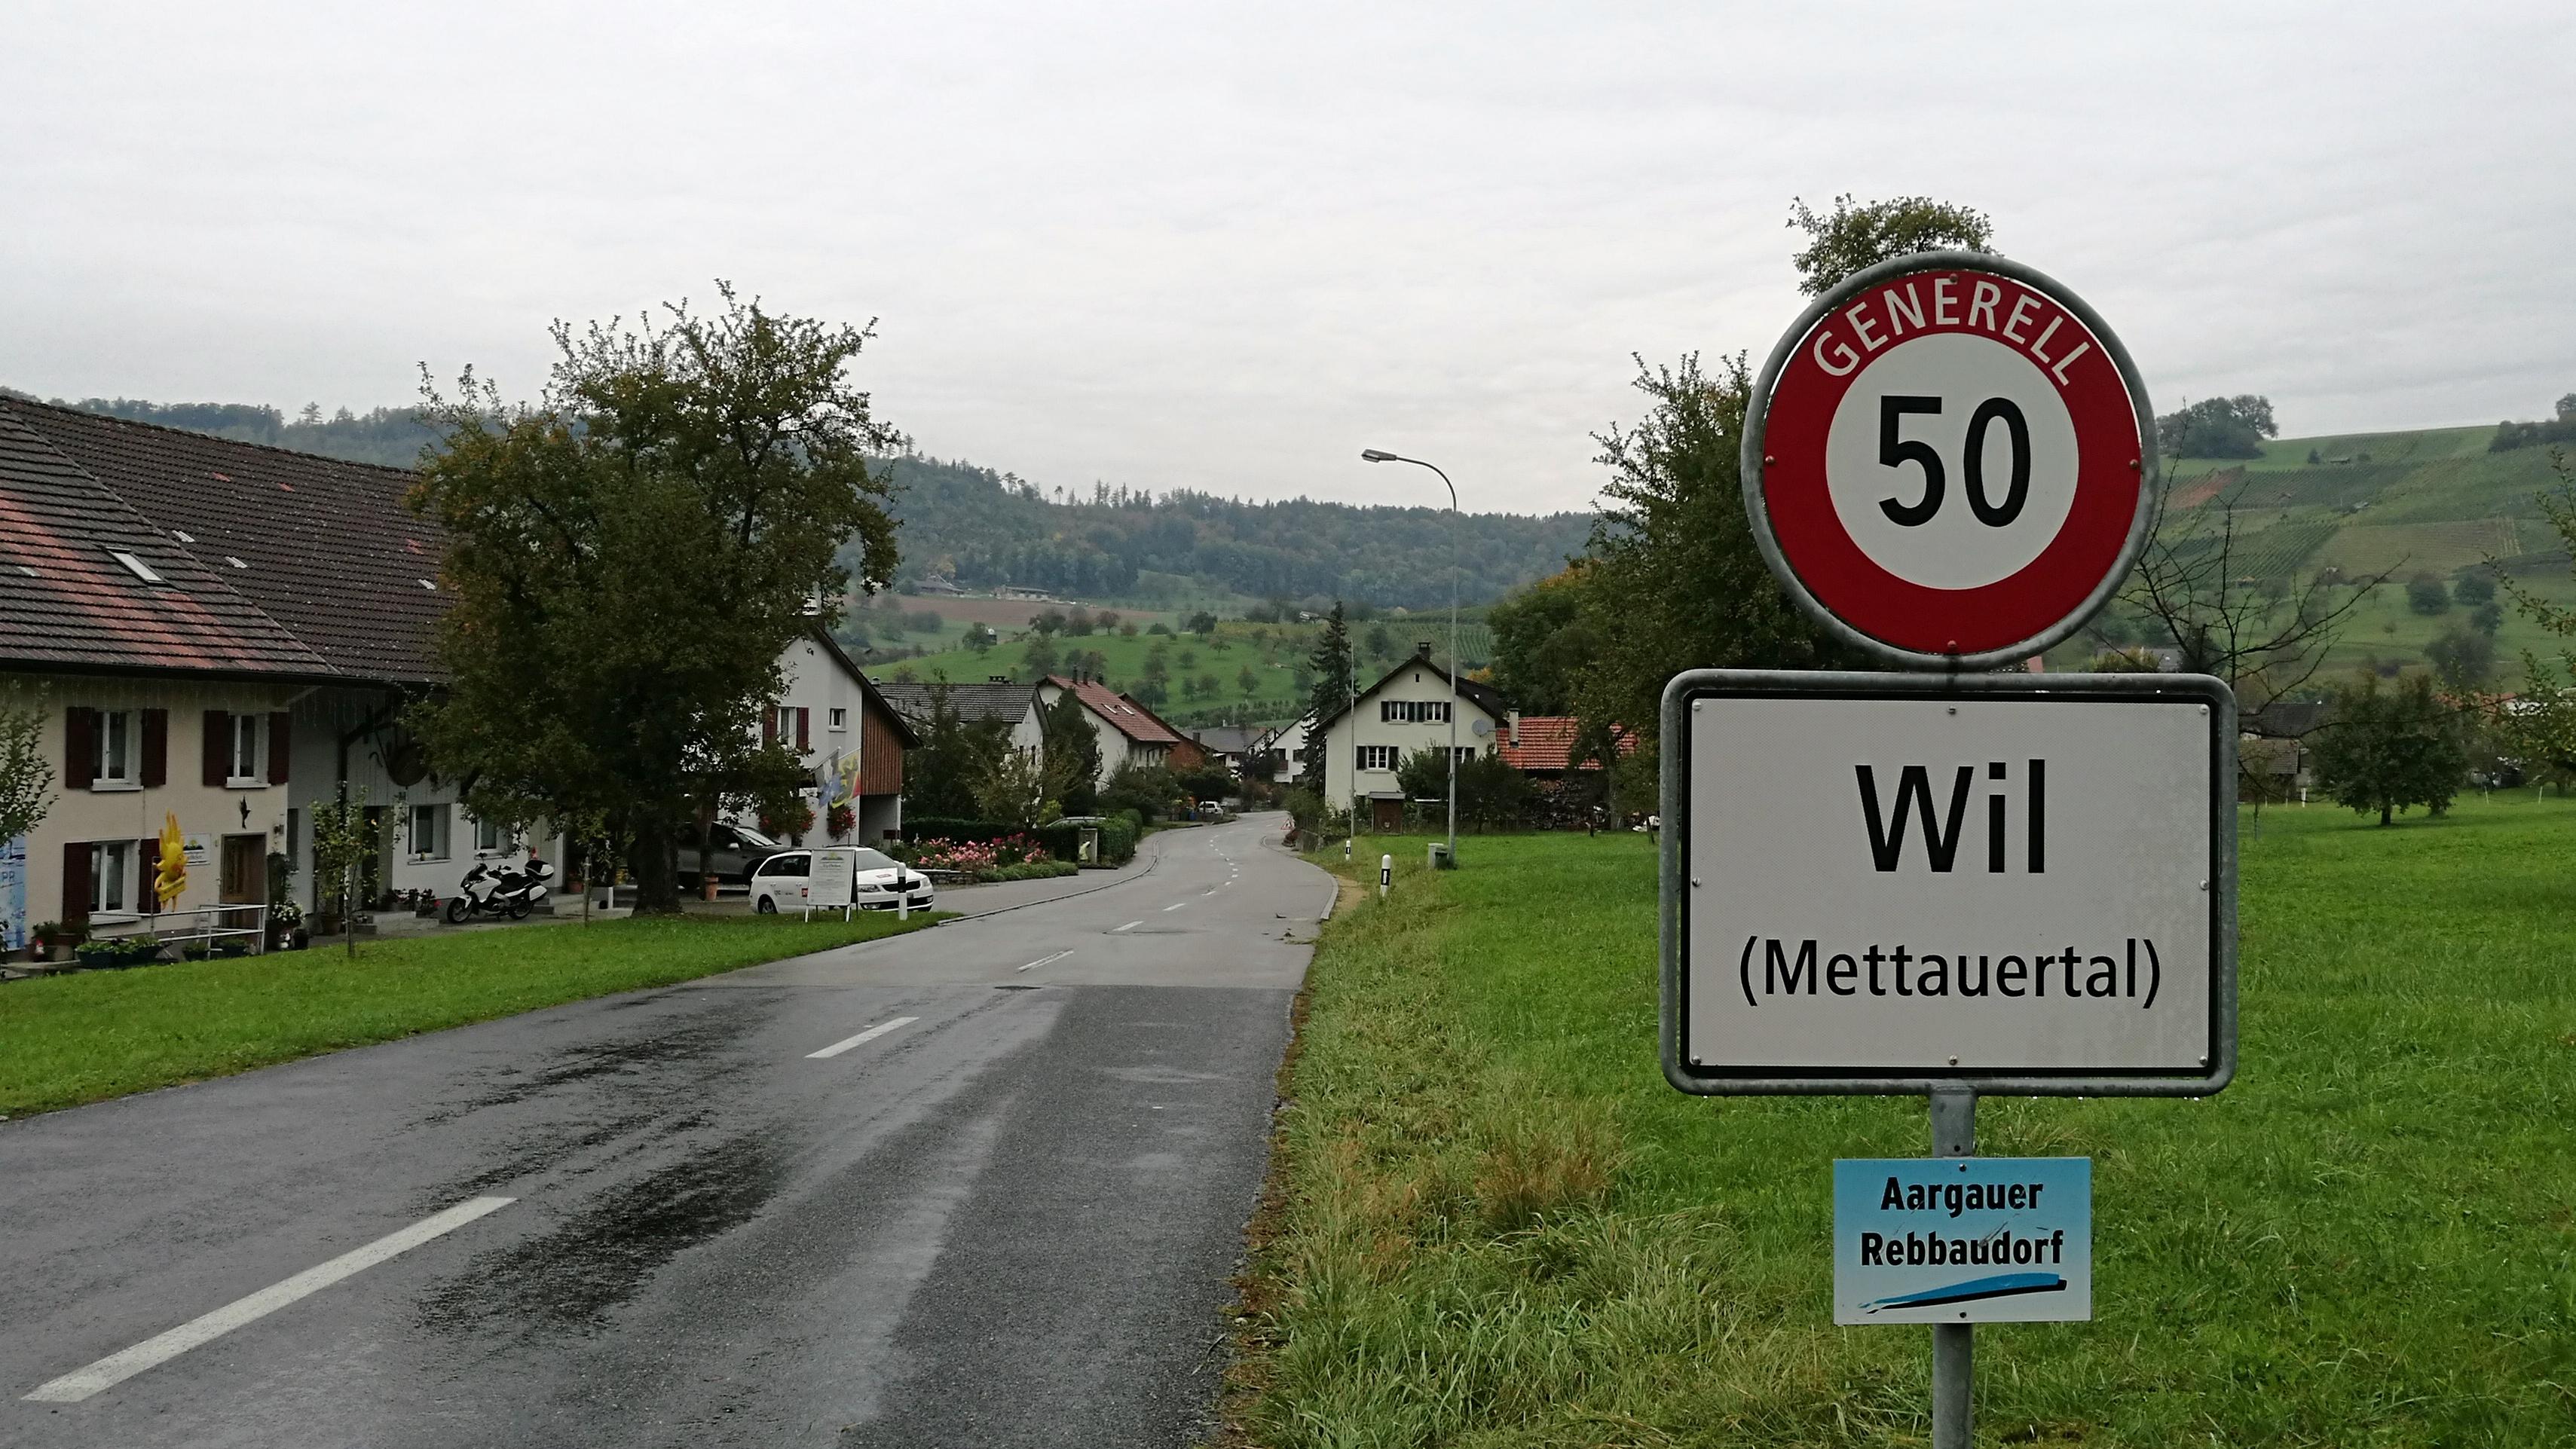 Mettauertal: Aus fünf Dörfern wird langsam eine Gemeinschaft (2.10.17)